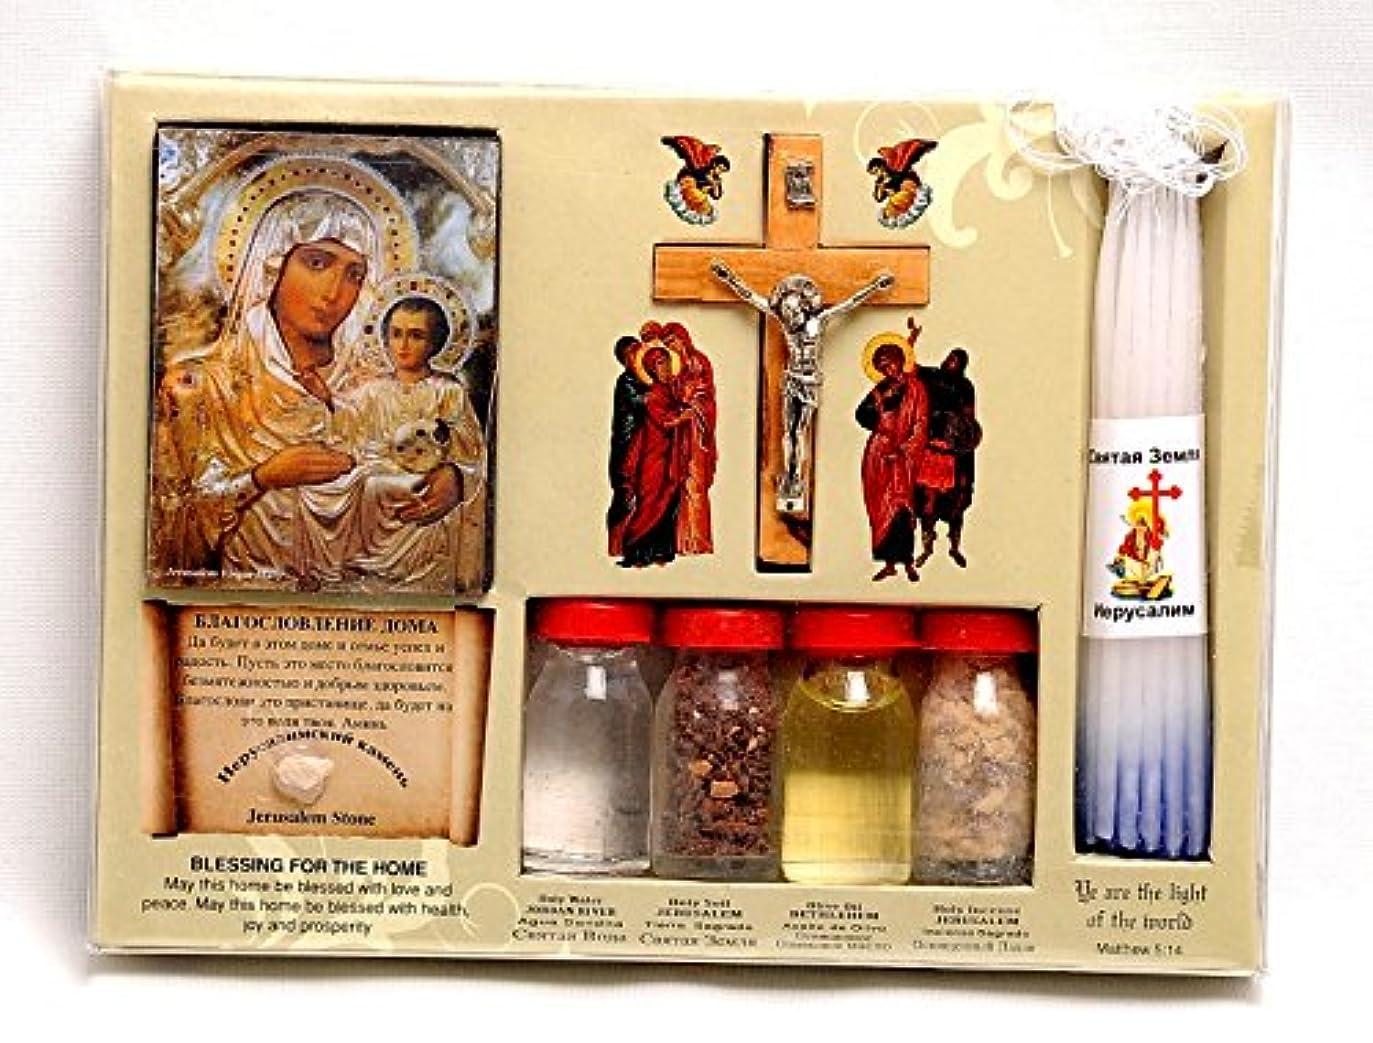 シャーロットブロンテオアシスさびたホーム祝福キットボトル、クロス&キャンドルに聖地エルサレム